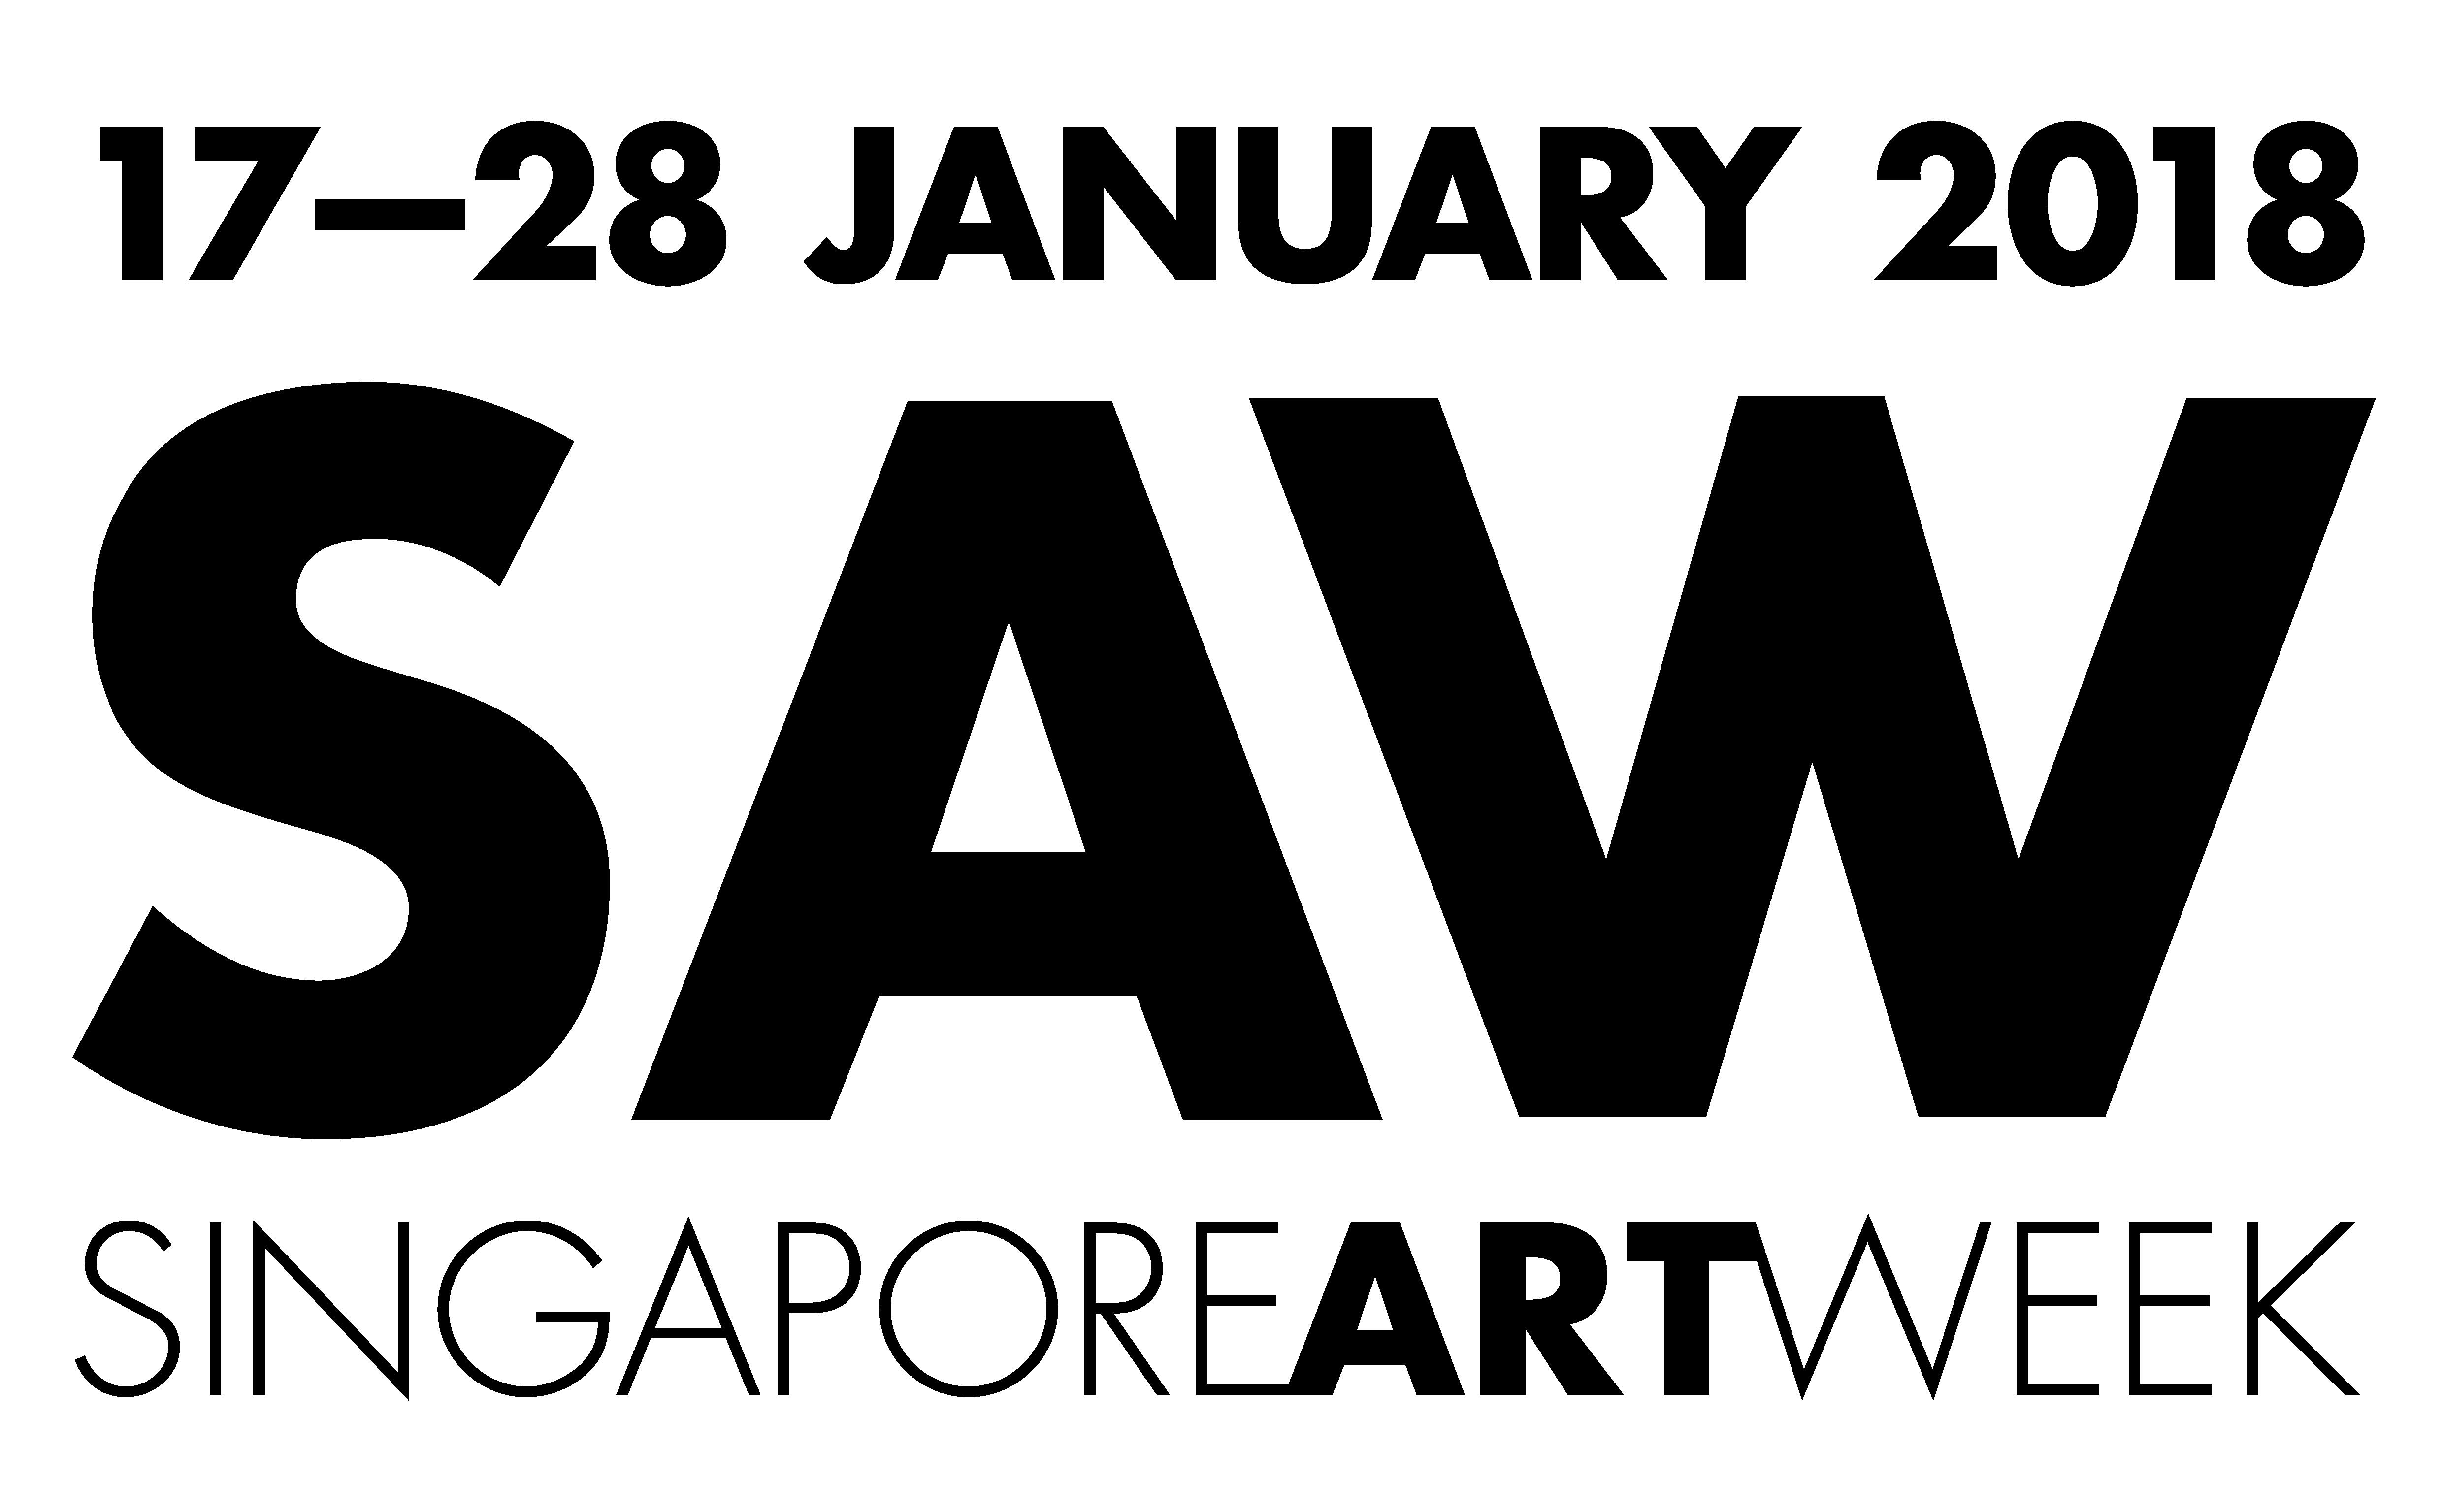 Singapore Art Week logo